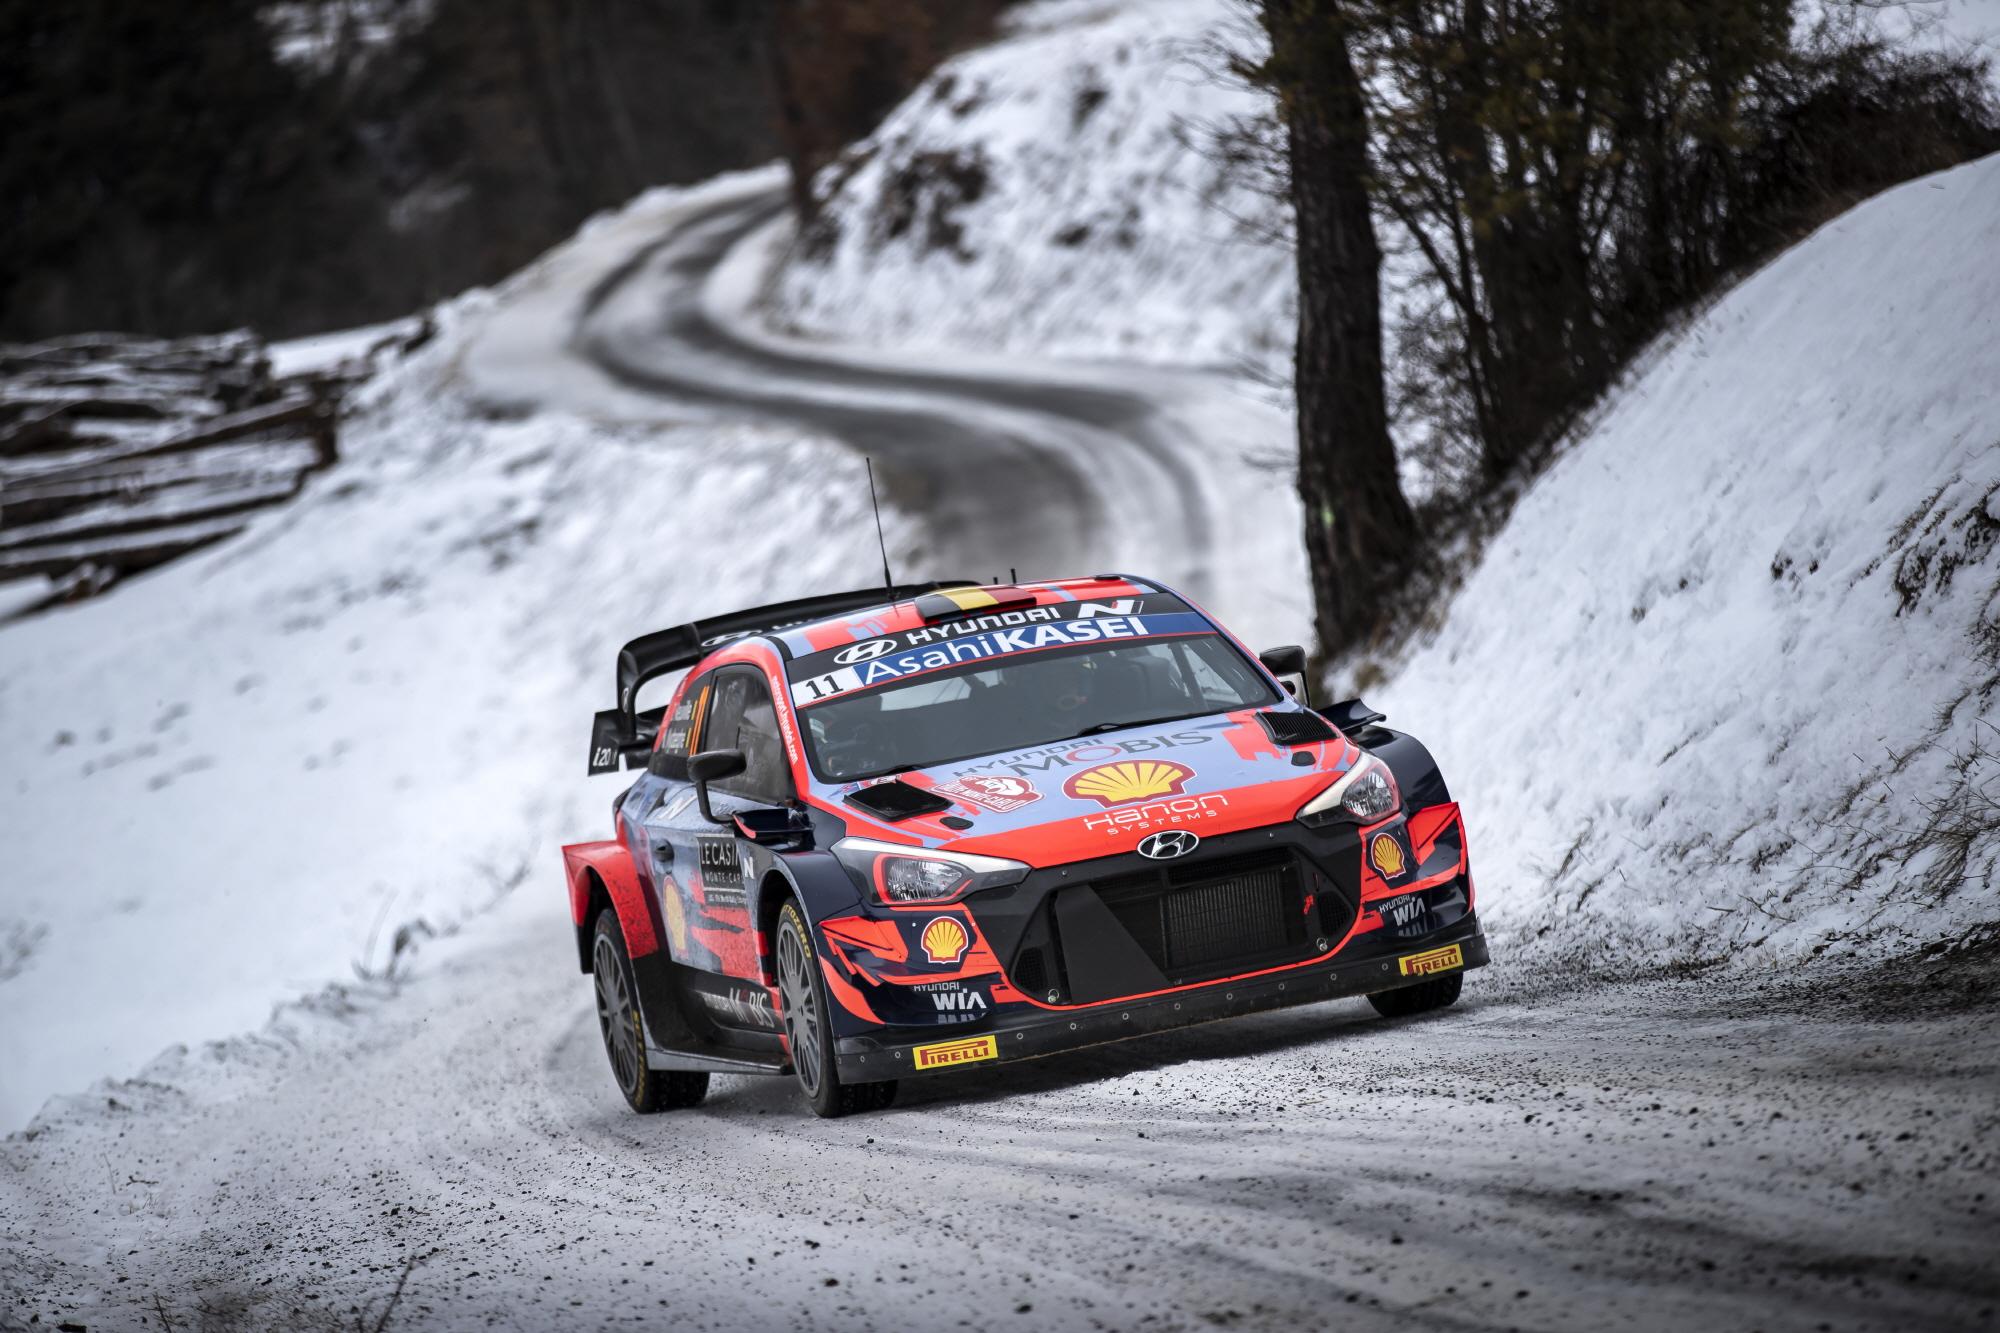 현대차, 하이브리드 파워트레인이 적용되는 '2022 WRC' 참가 결정